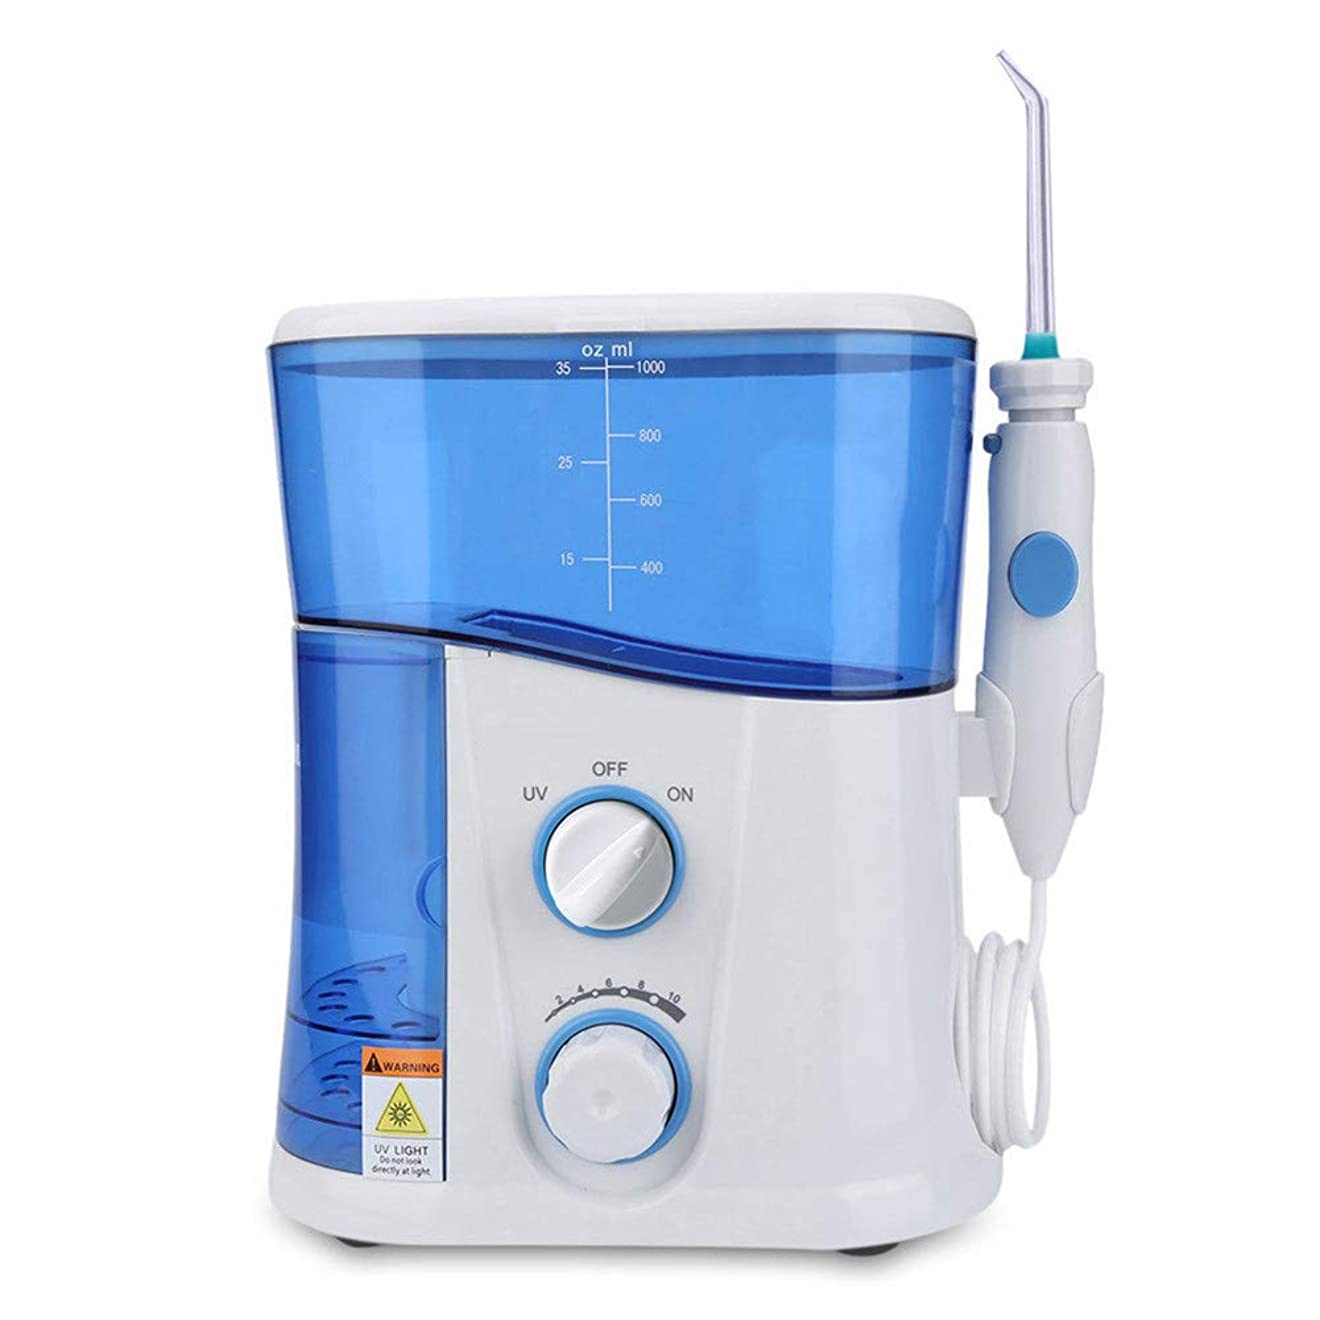 楕円形事故ジュラシックパーク口頭洗浄器、フロス洗浄器7ピーススプレーチップ1000ミリリットル水多機能充電式紫外線ランプ消毒歯ホワイトニングクリーニング